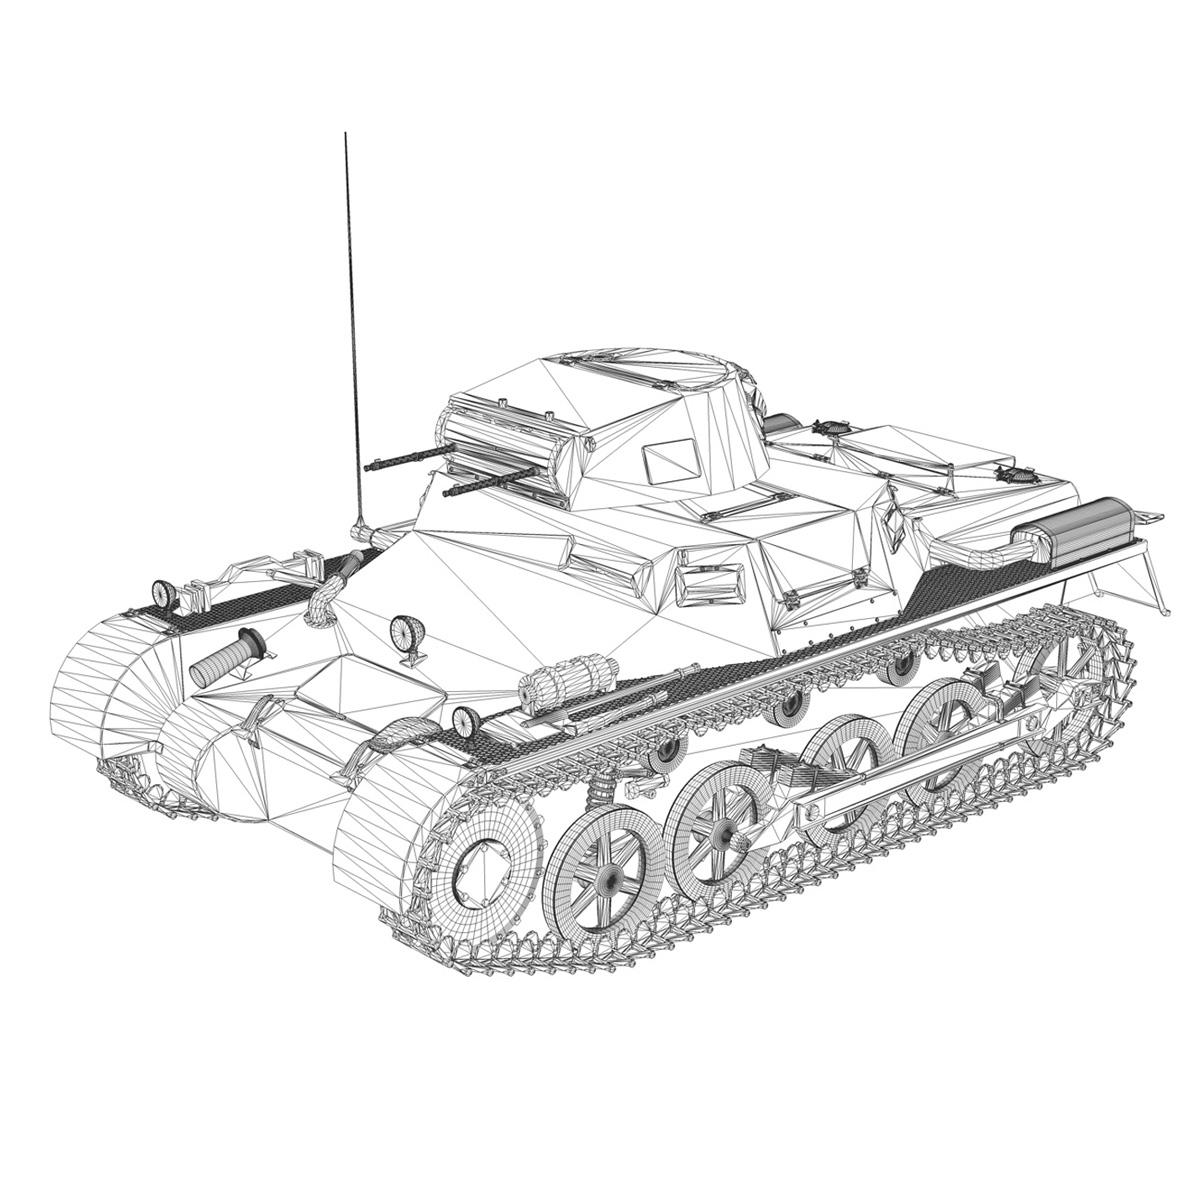 pzkpfw 1 – panzer 1 – ausf. a – 22 3d model 3ds fbx c4d lwo obj 186935